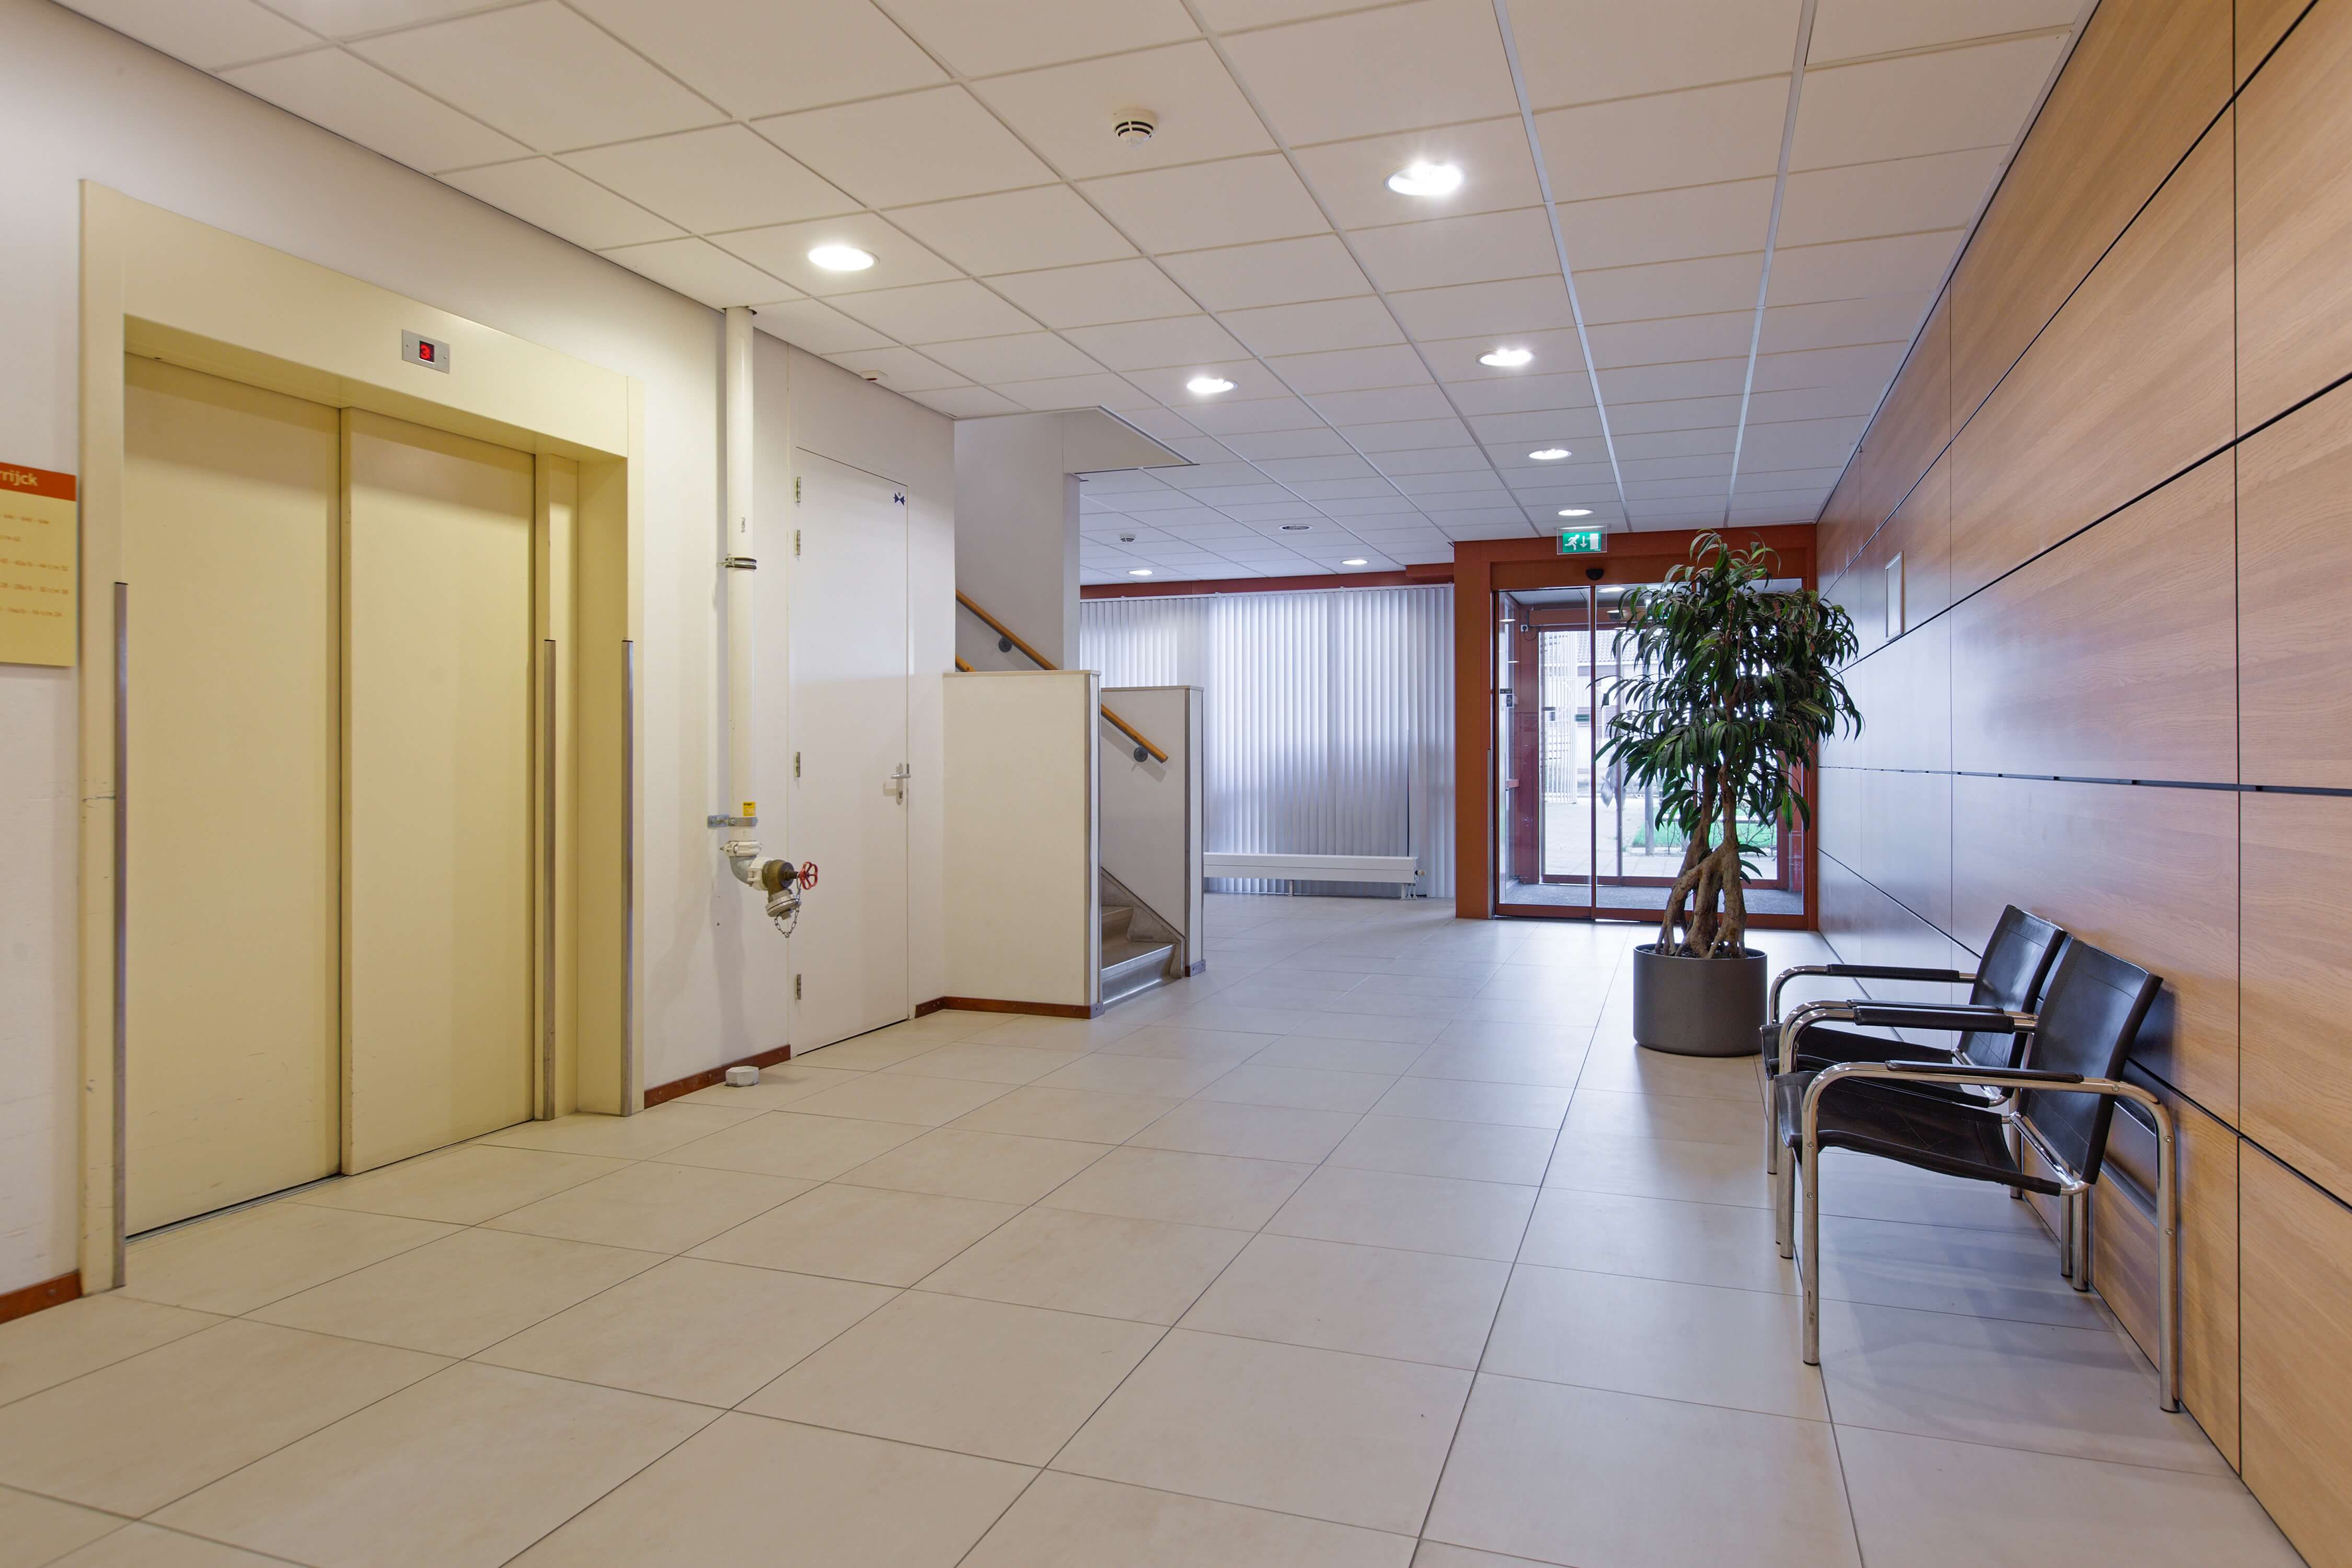 Te koop appartement Heemskerk Lessestraat Heemskerk centrale hal - Huisinzicht